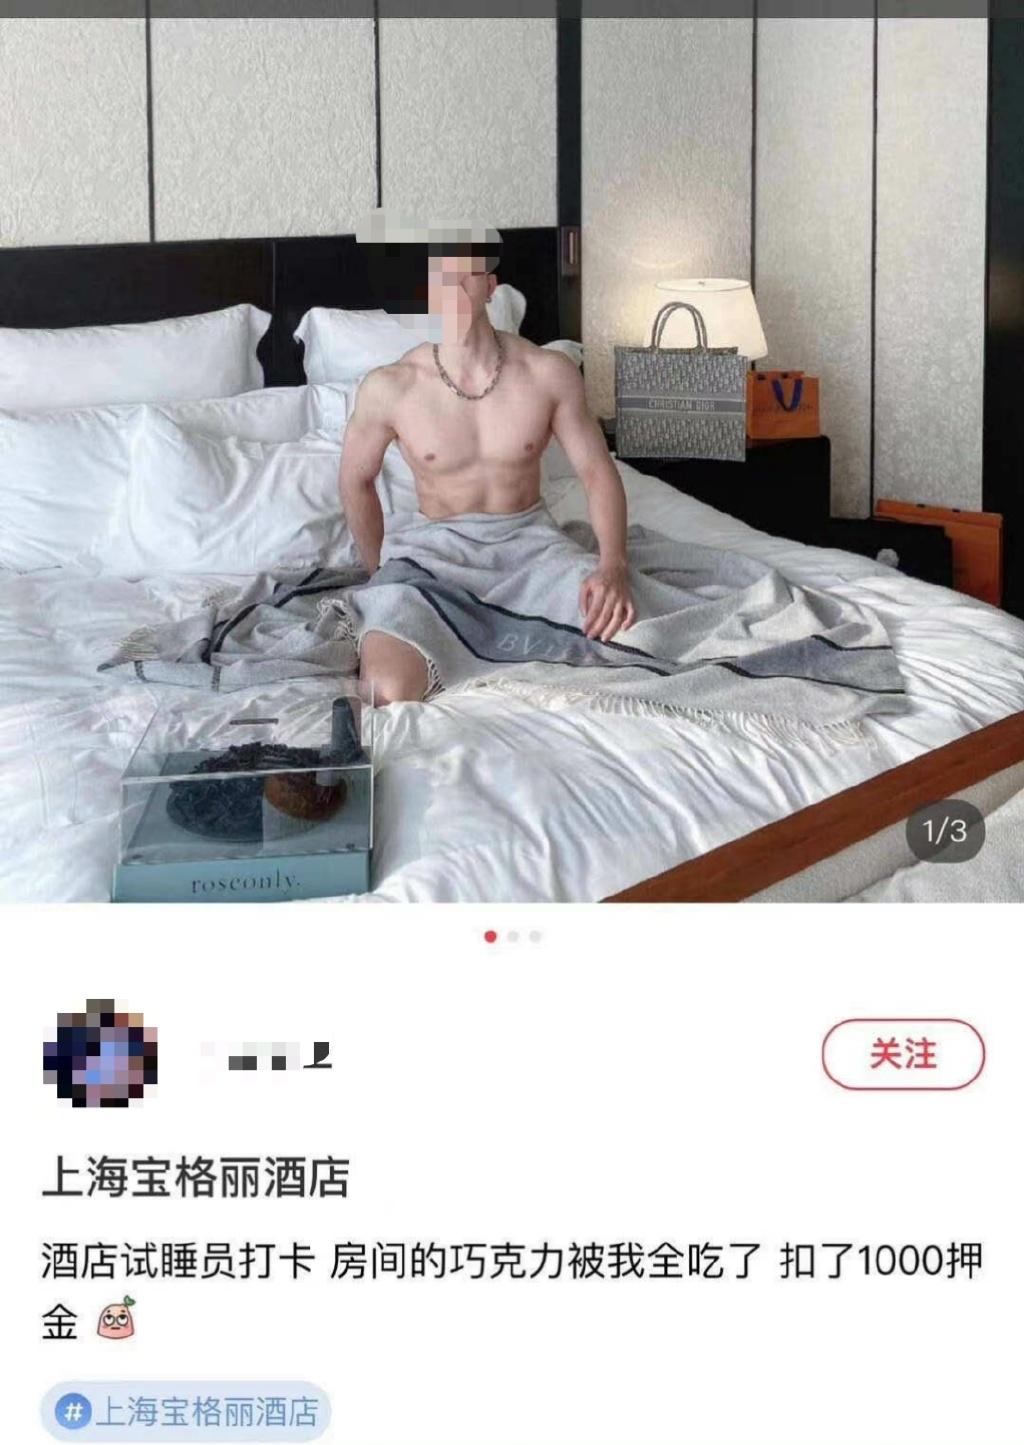 继上海名媛群后 男版名媛也被扒出来了 拍照的角度都一样 liuliushe.net六六社 第2张